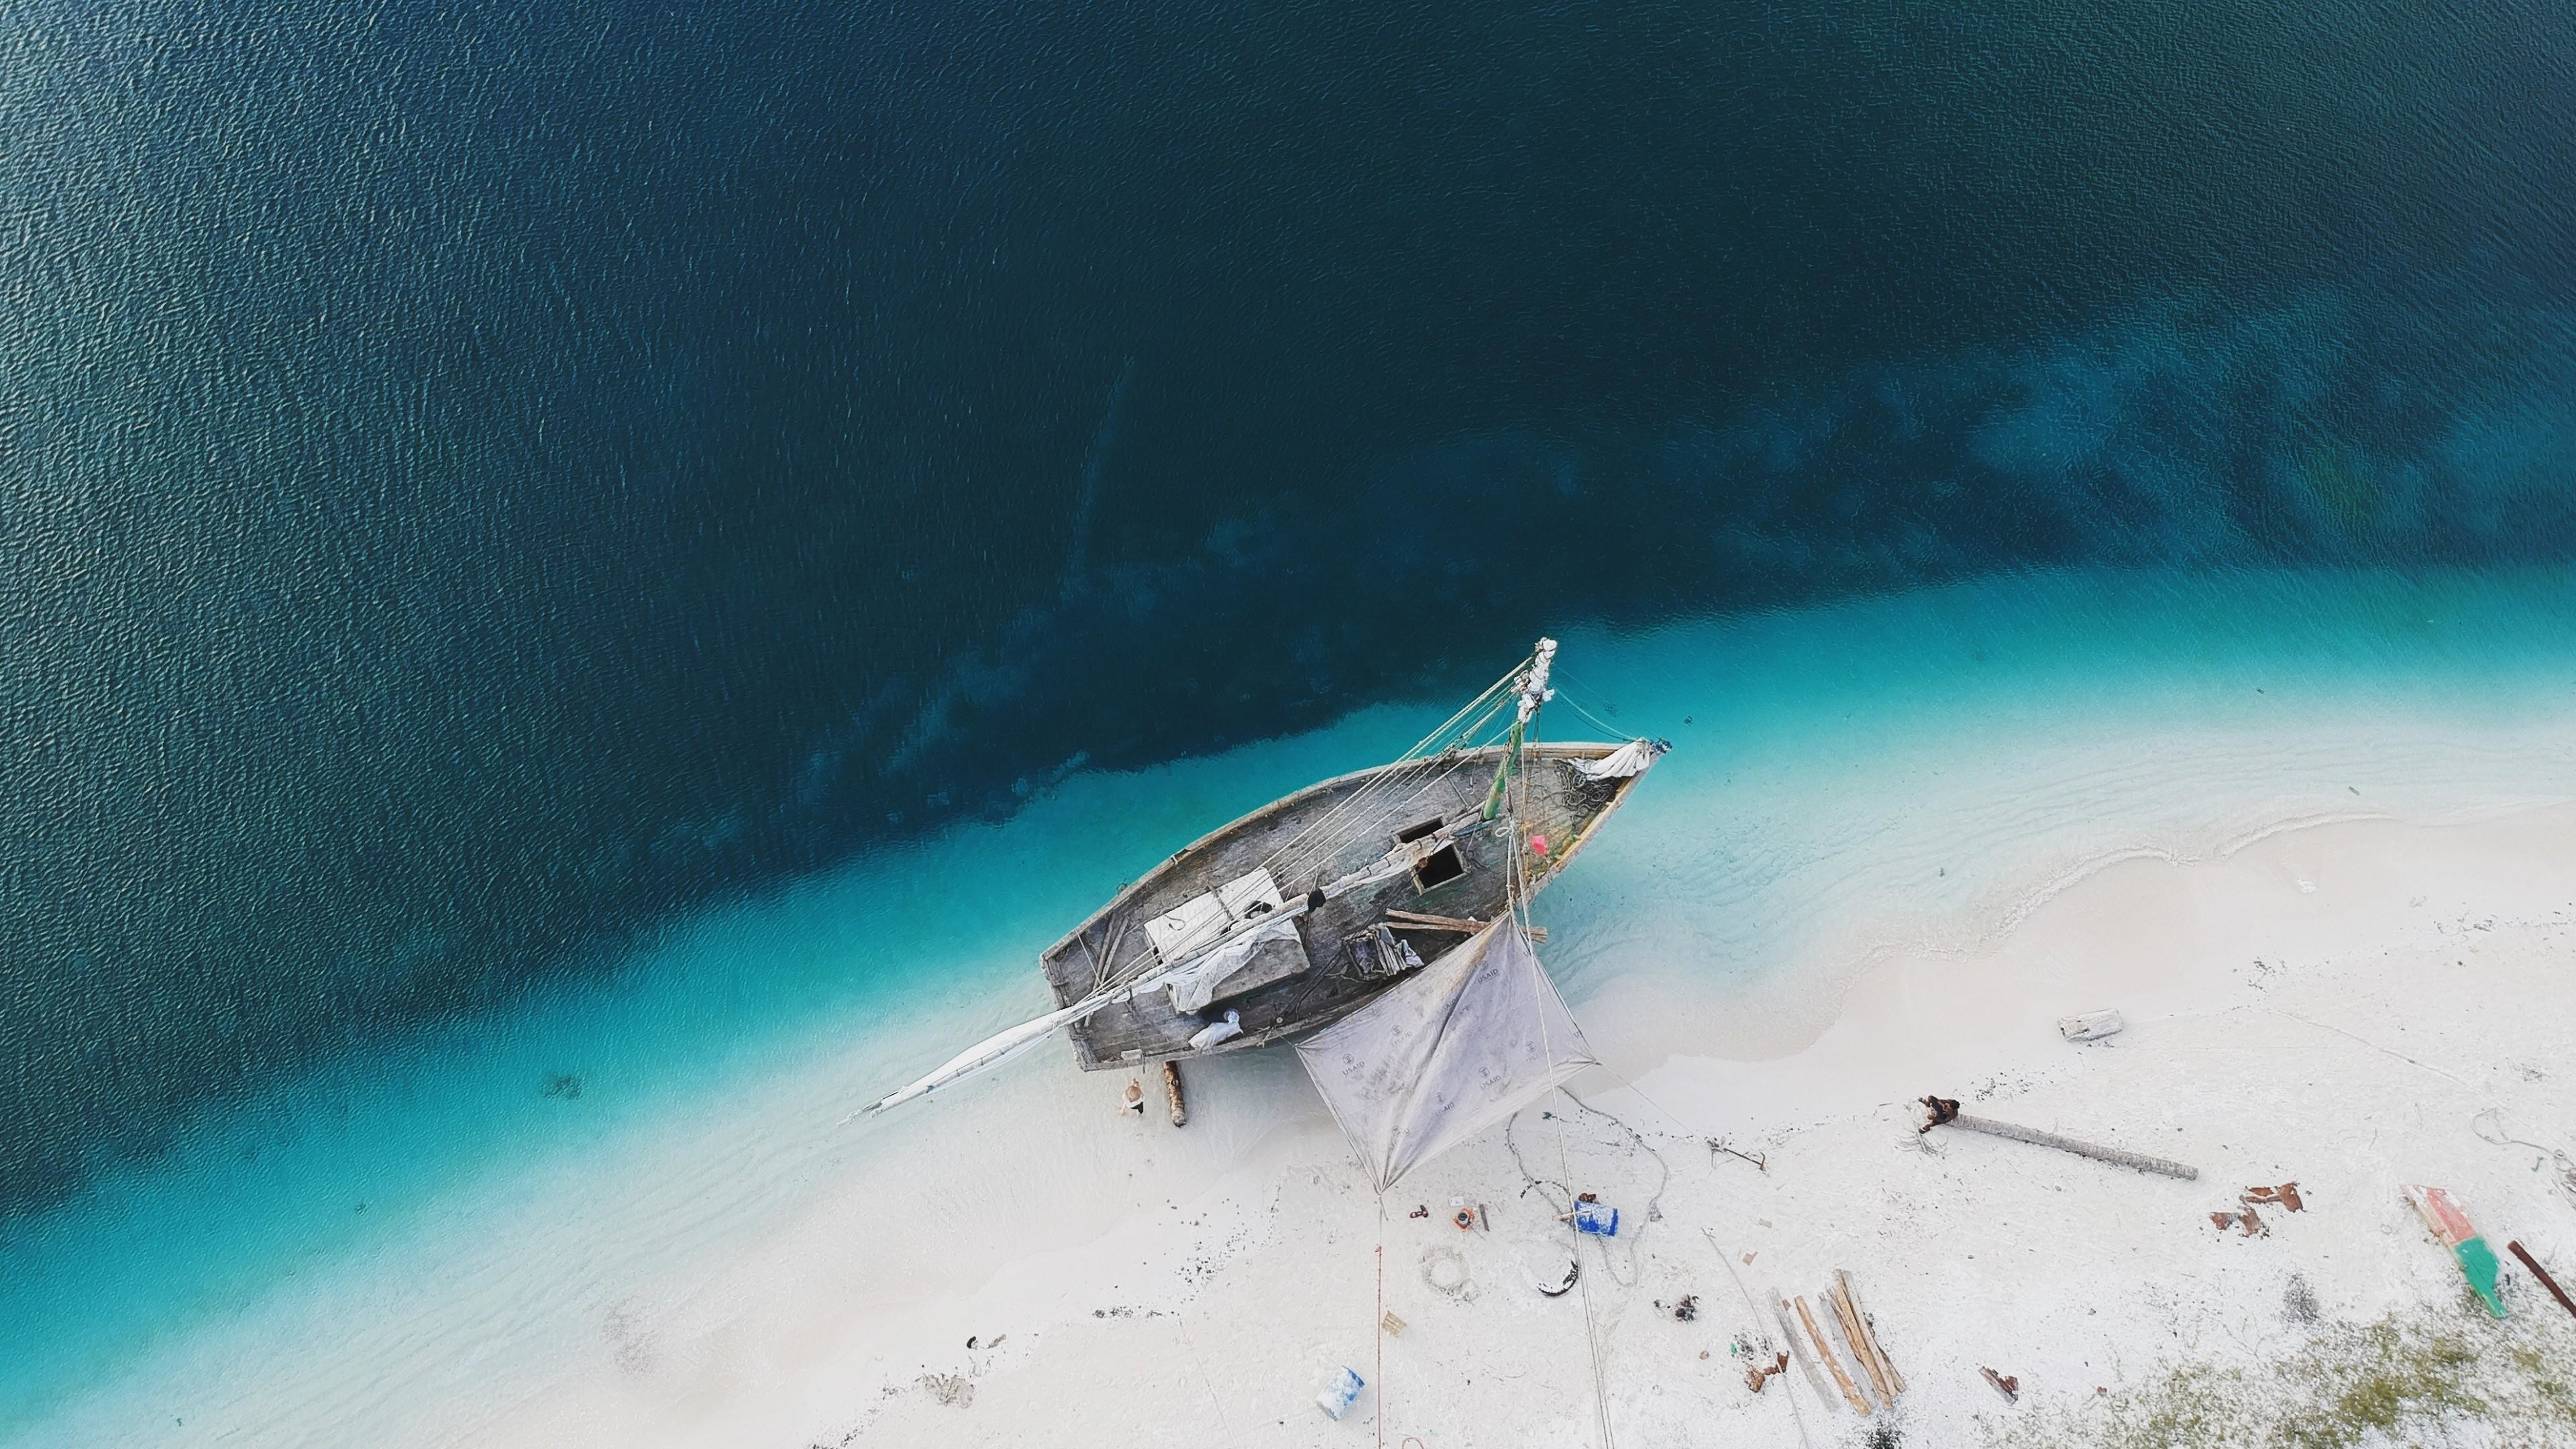 Res: 3840x2160, shipwreck wallpaper #375341 .